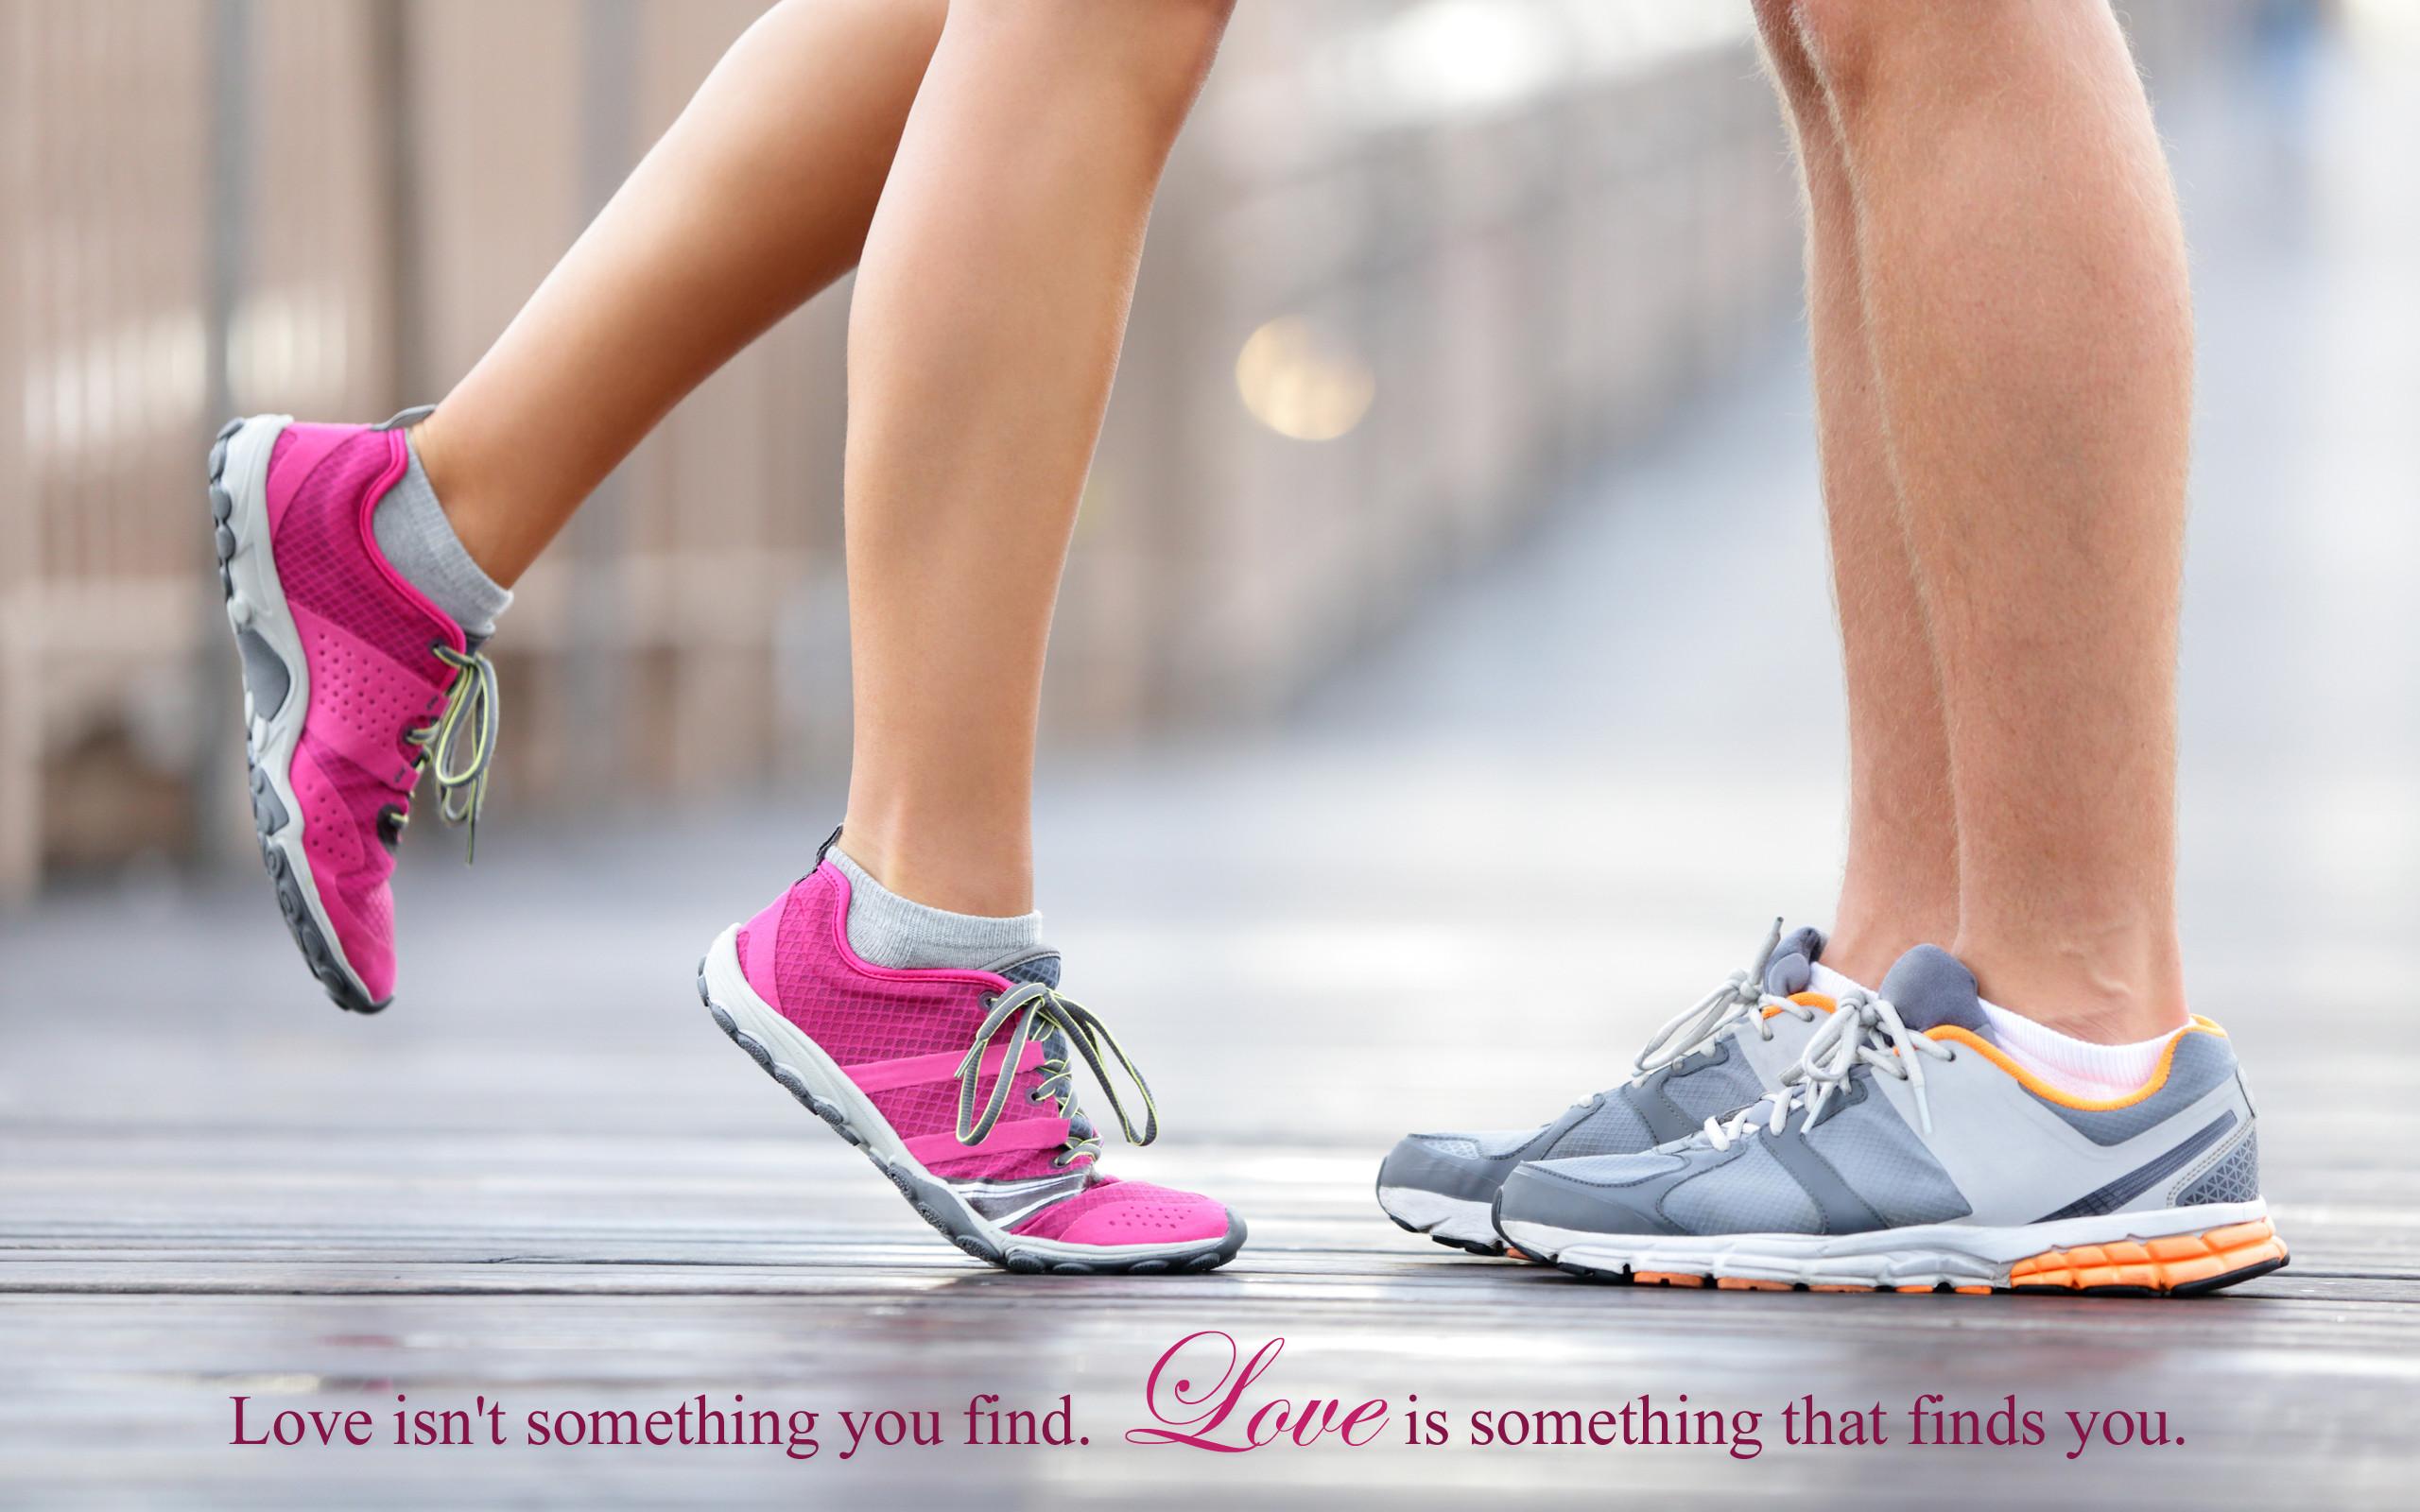 Beautiful Couple Love Romance HD Wallpaper   Love Romance   Pinterest   Hd  wallpaper, Romance and Couples